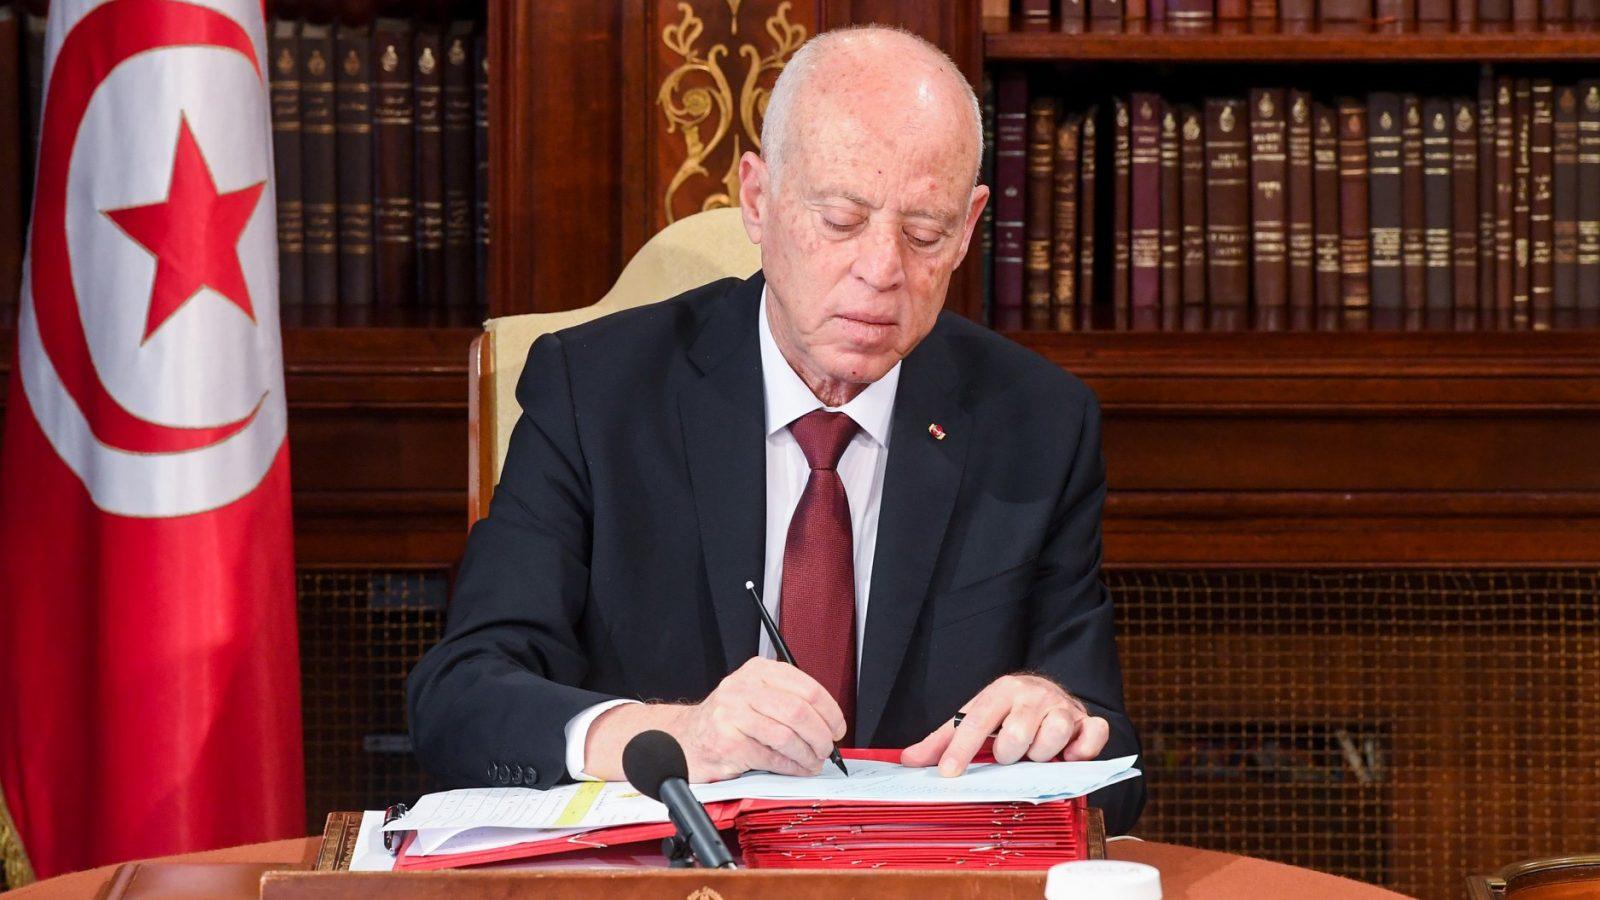 الجمعية التونسية لتمثيليةالأمم المتحدة تدعو سعيد إلى وضع حد للاستخدام المفرط للإقامة الجبرية والقيود المفروضة على السفر